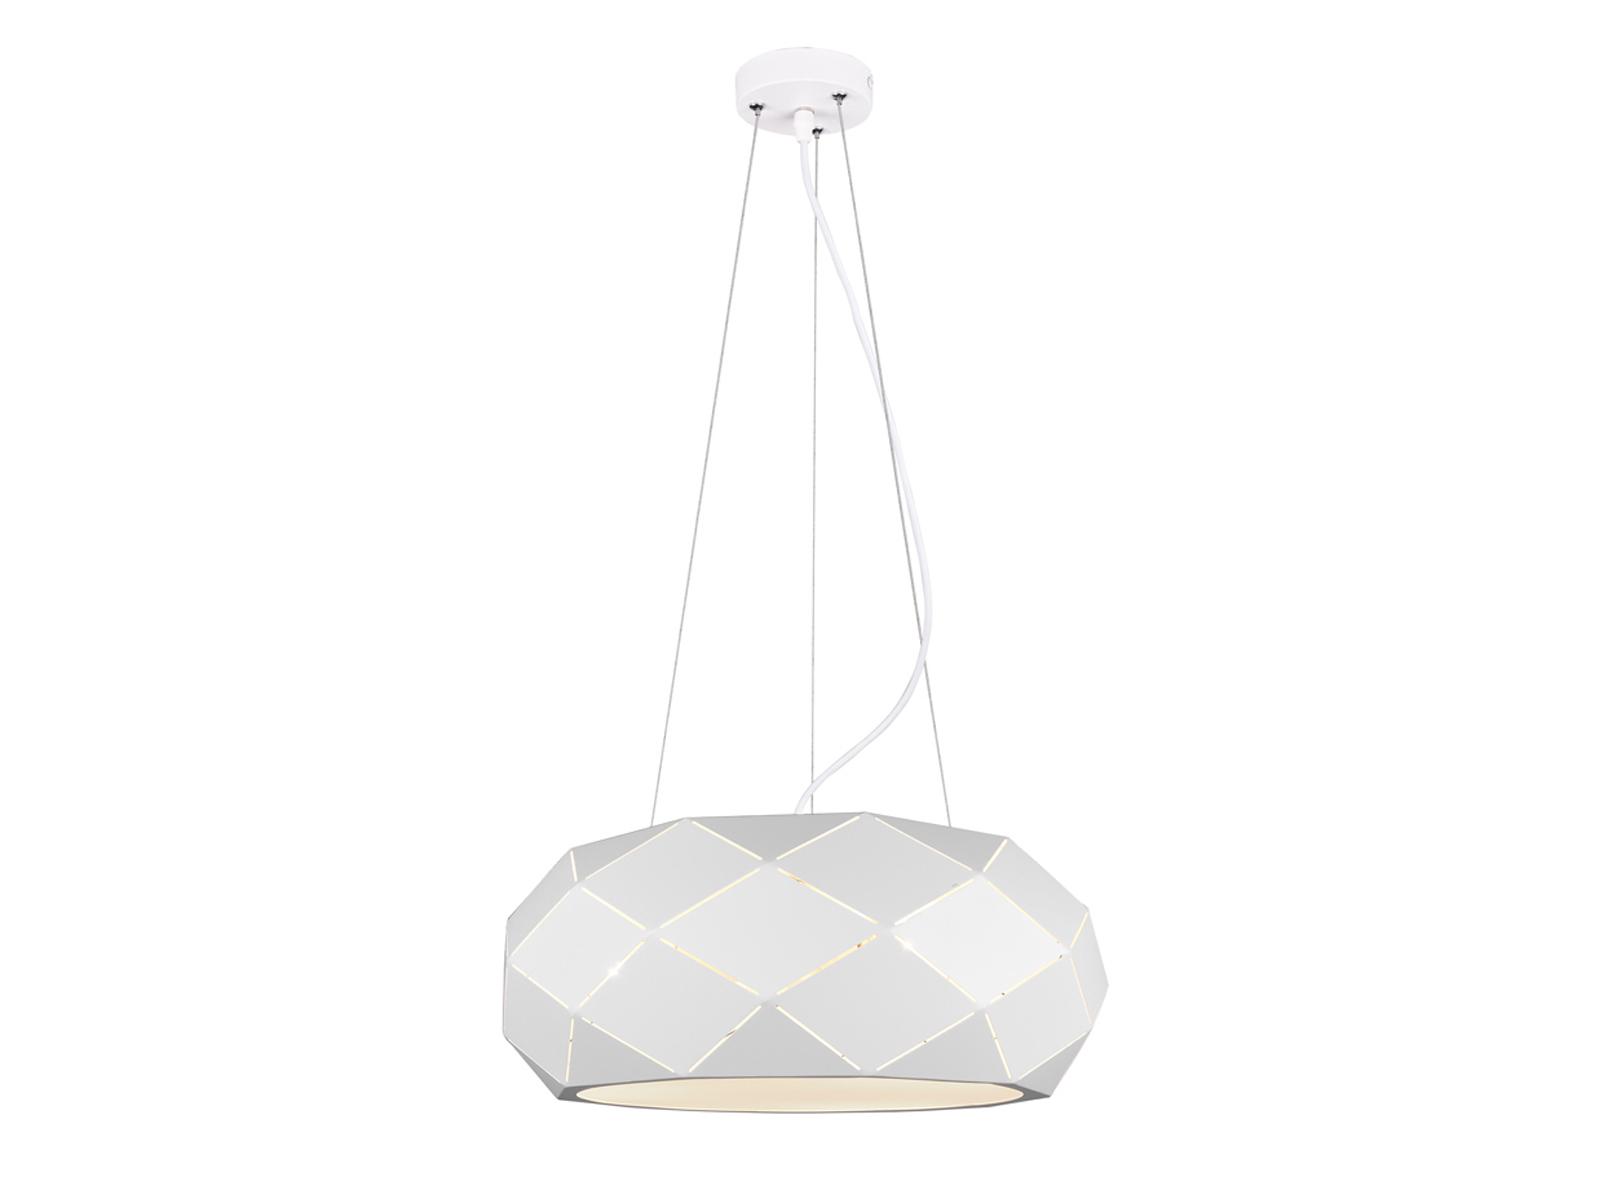 Geometrische Led Pendelleuchten Lampen Hangend Uber Wohnzimmer Couchtisch Rund Kaufen Bei Setpoint Deutschland Gmbh